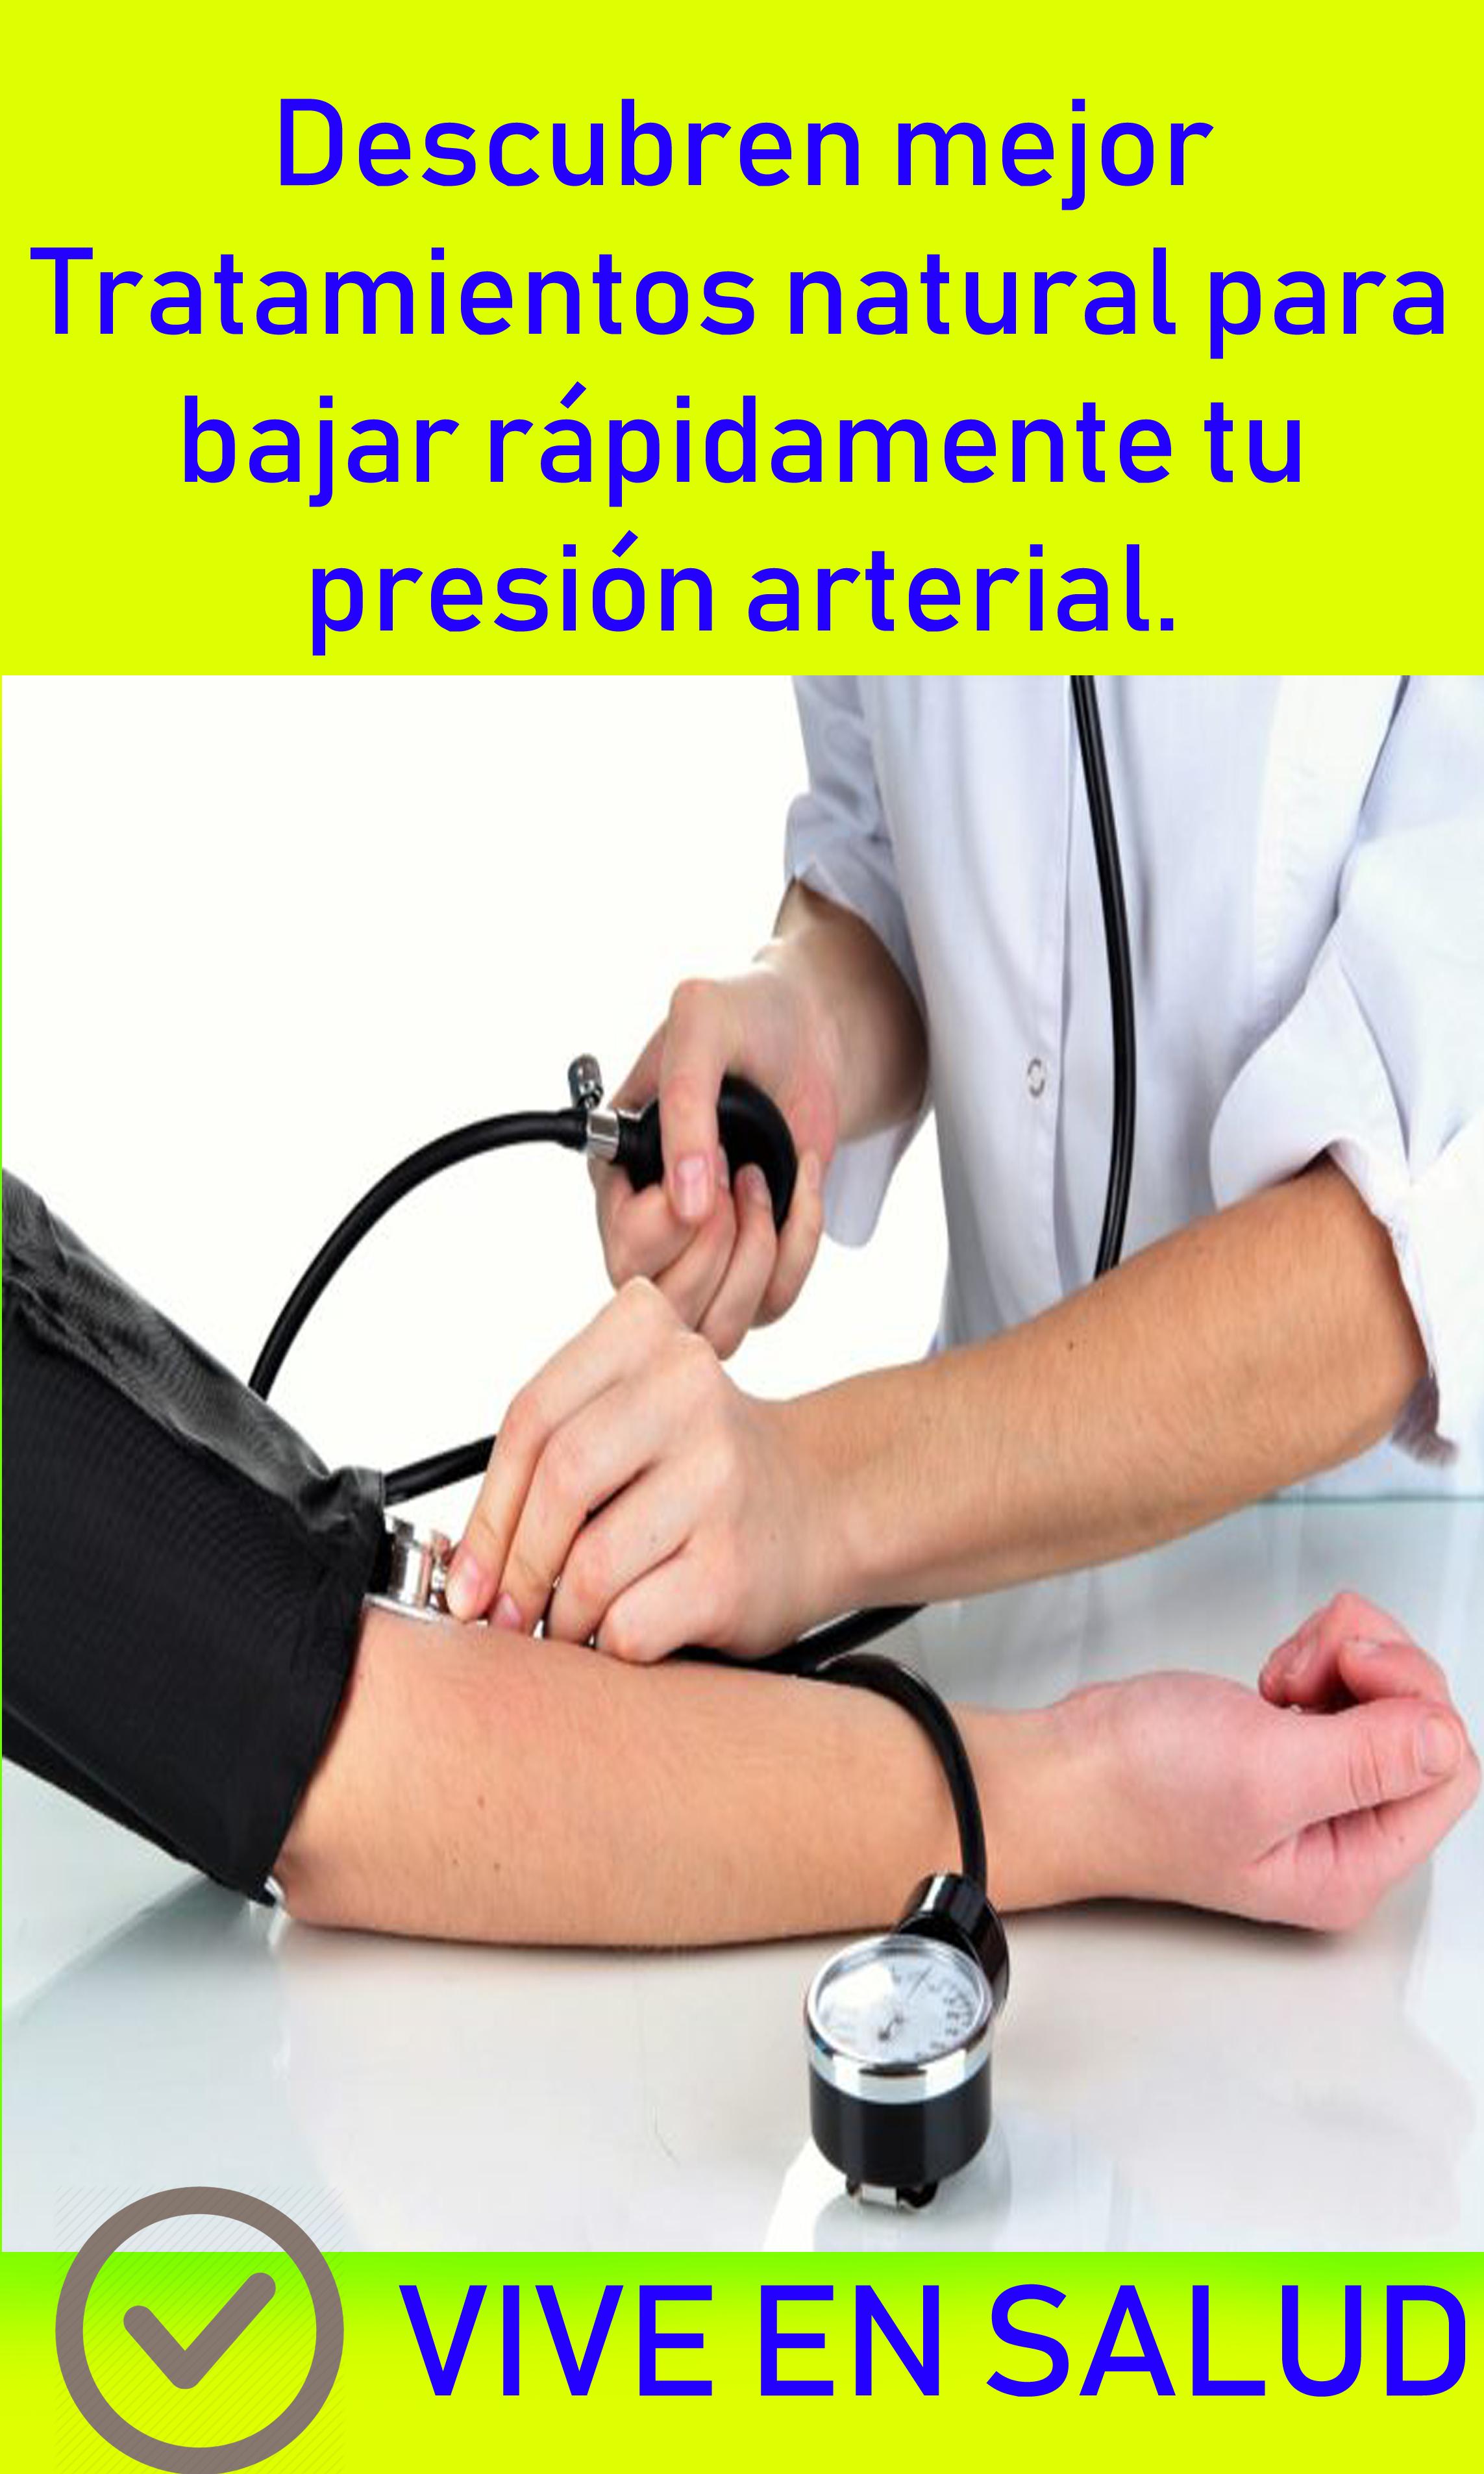 mejor dieta para bajar la presión arterial rápidamente